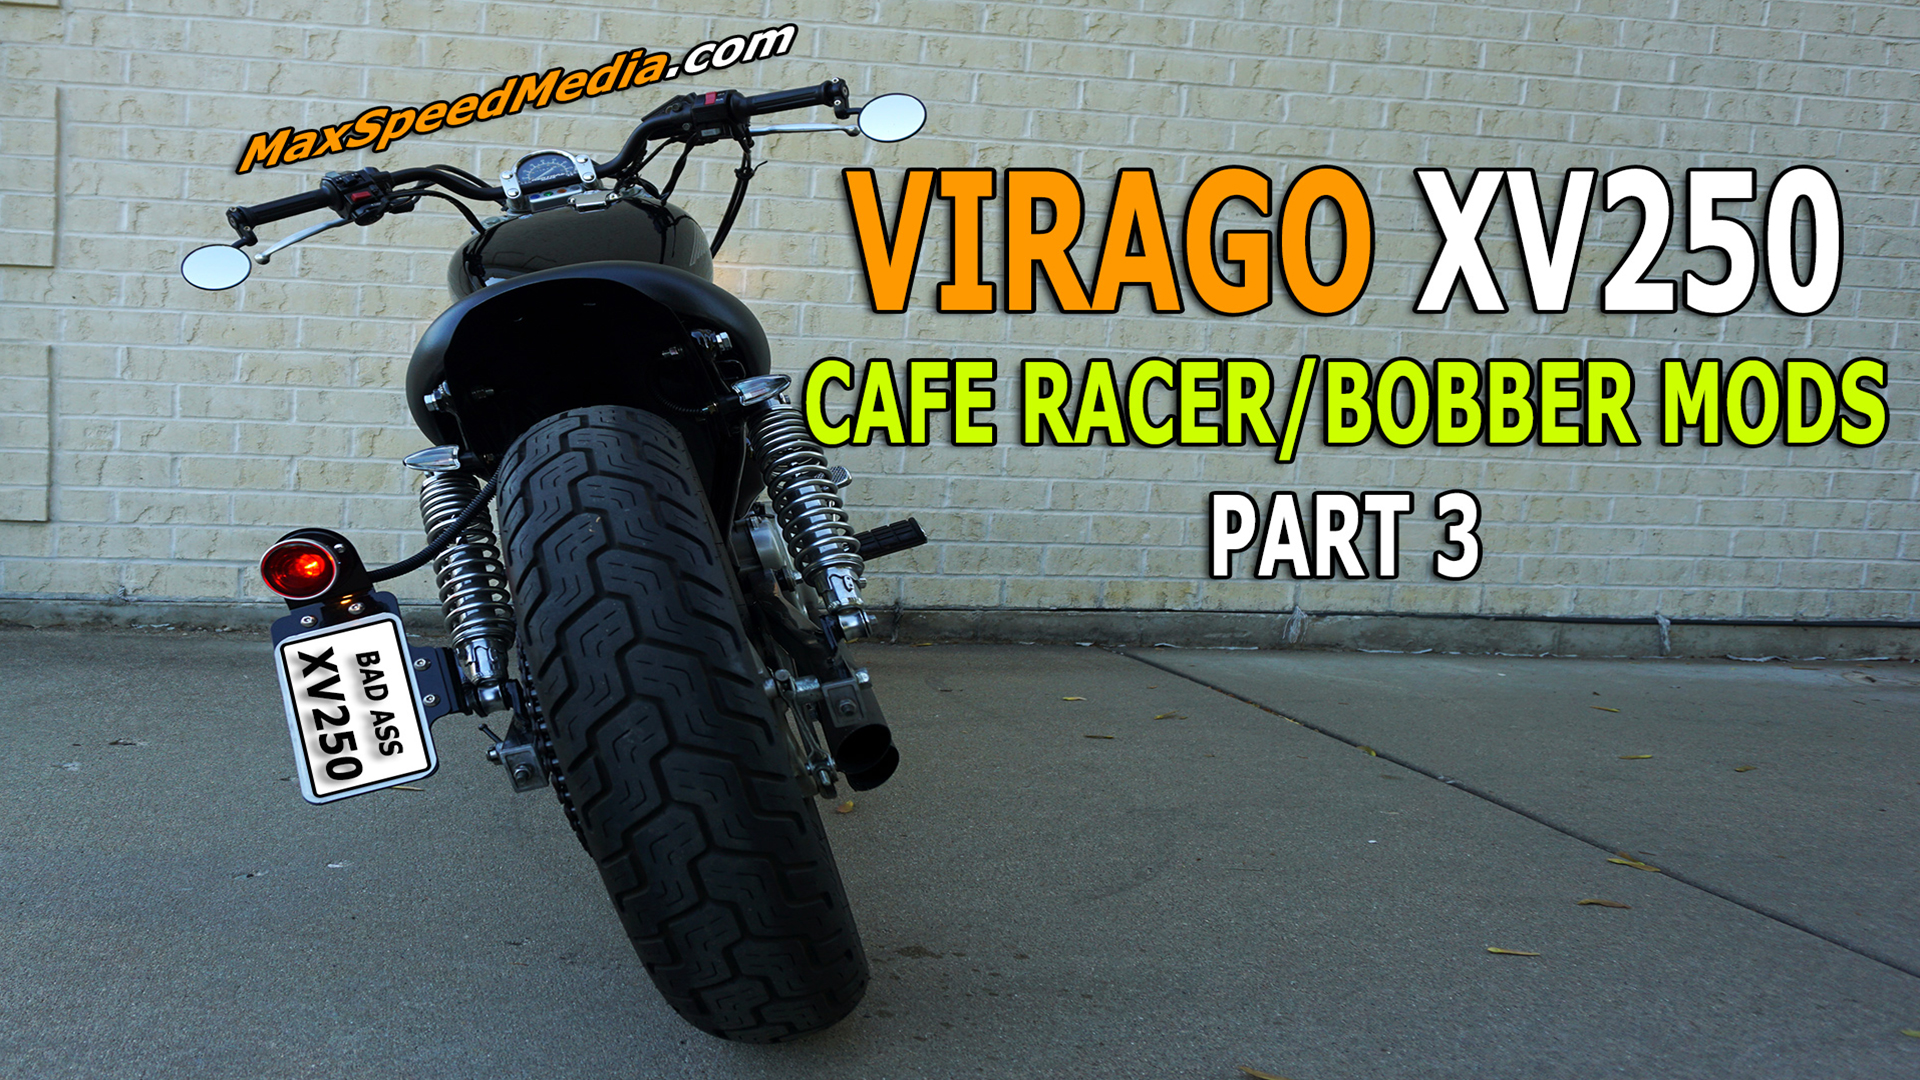 Virago XV250 Cafe Racer Bobber Mods Part 3